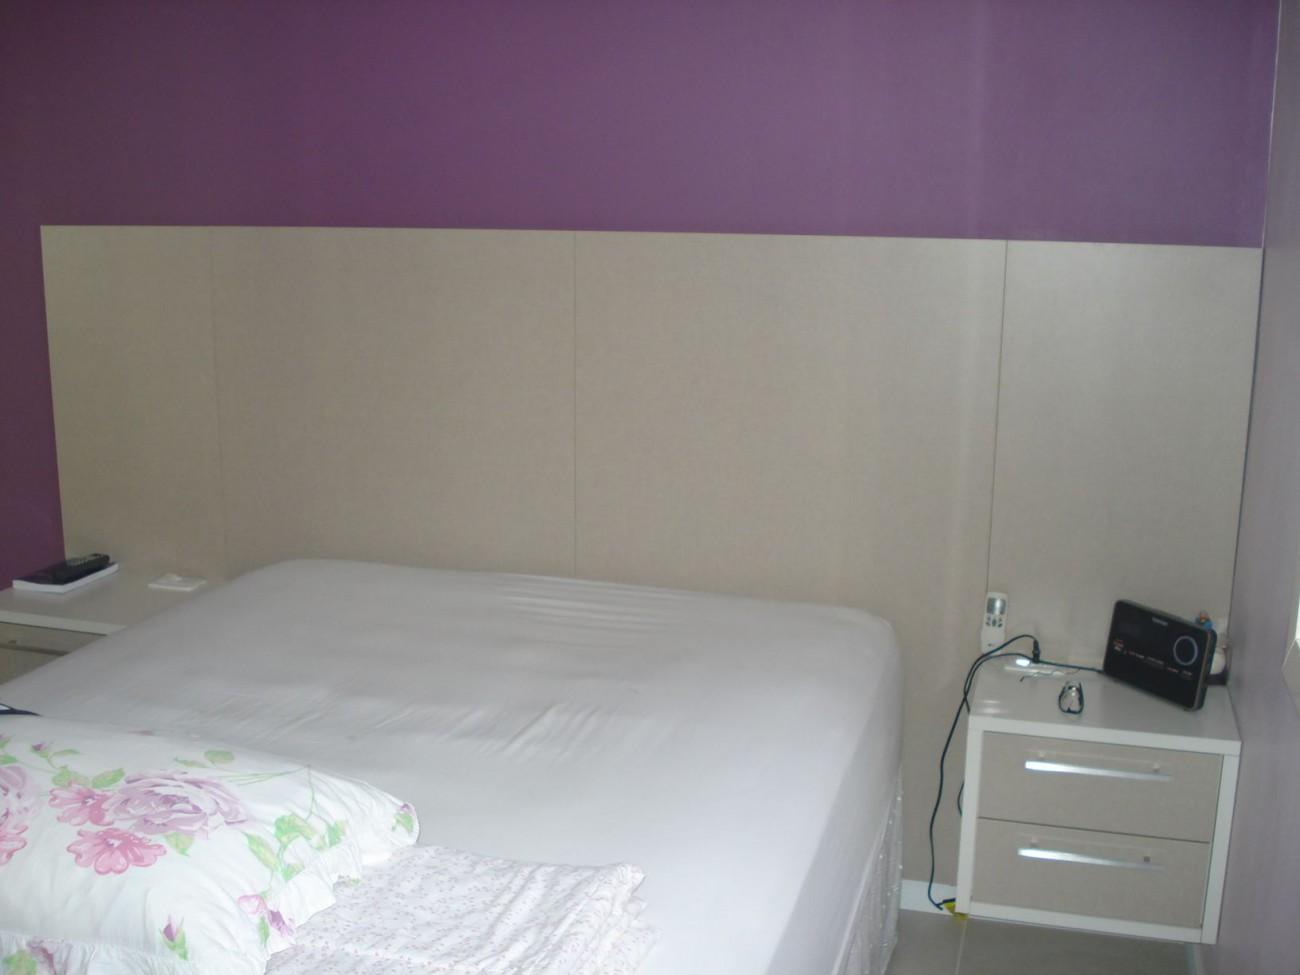 Apartamento 2 Dormitórios no Residencial Módena. Bairro Florestal  #7A516F 1300 975